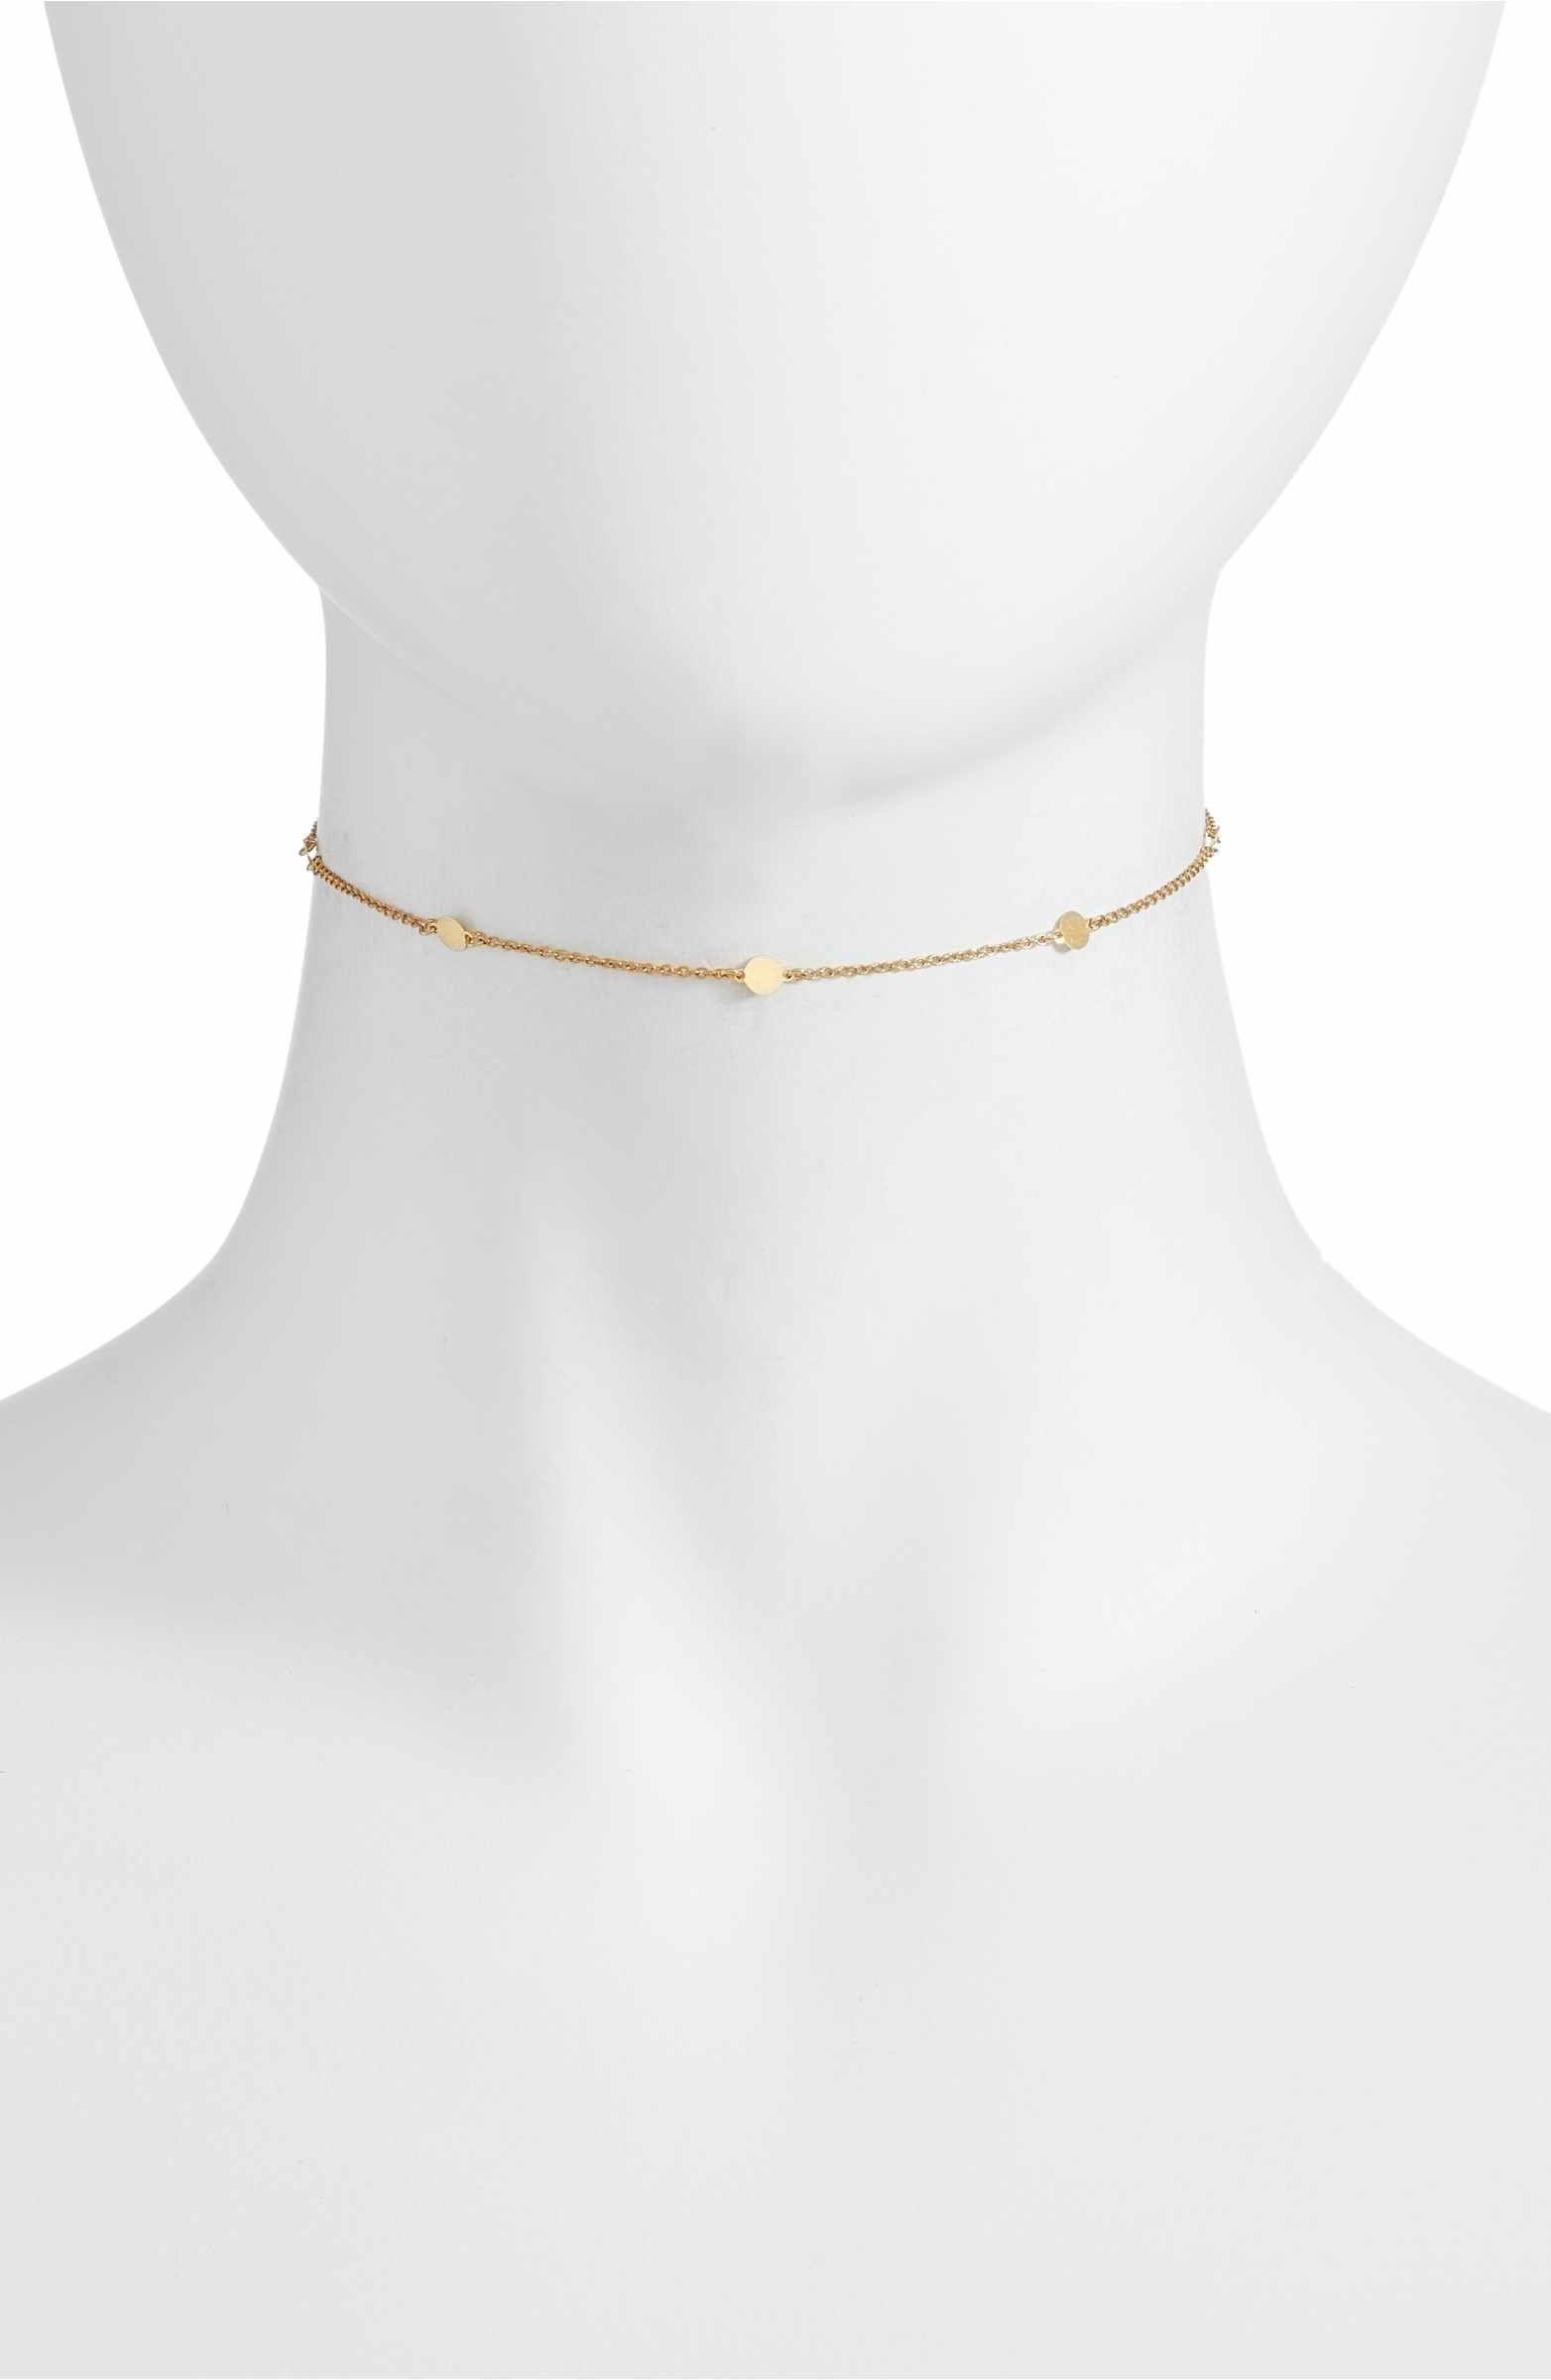 Station Chocker Necklace